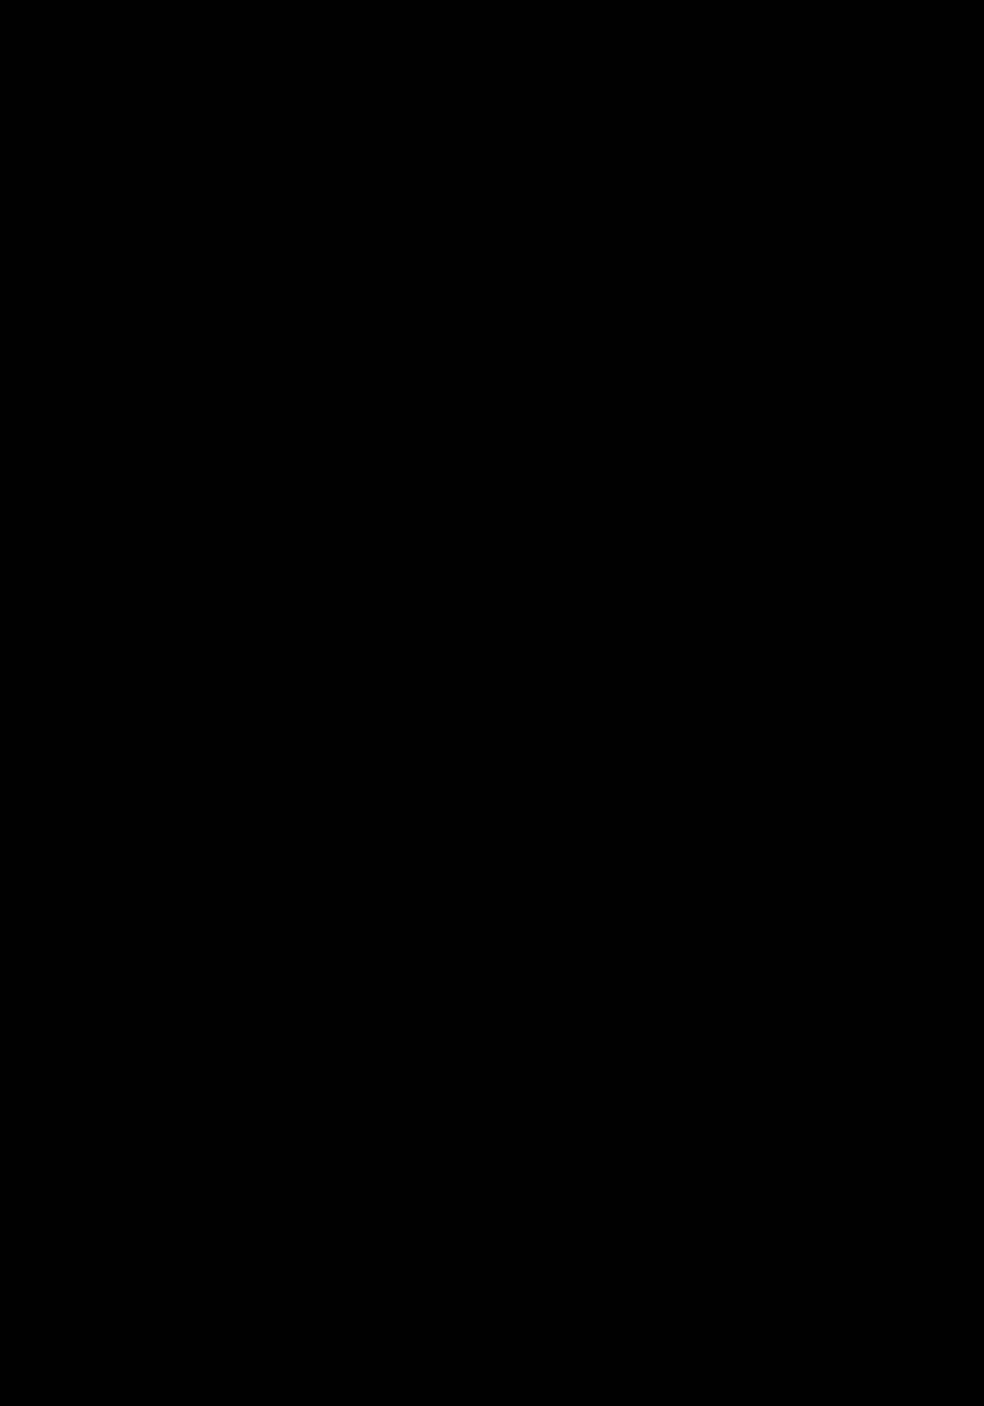 ファン蘭 OS OSFN 横組見本